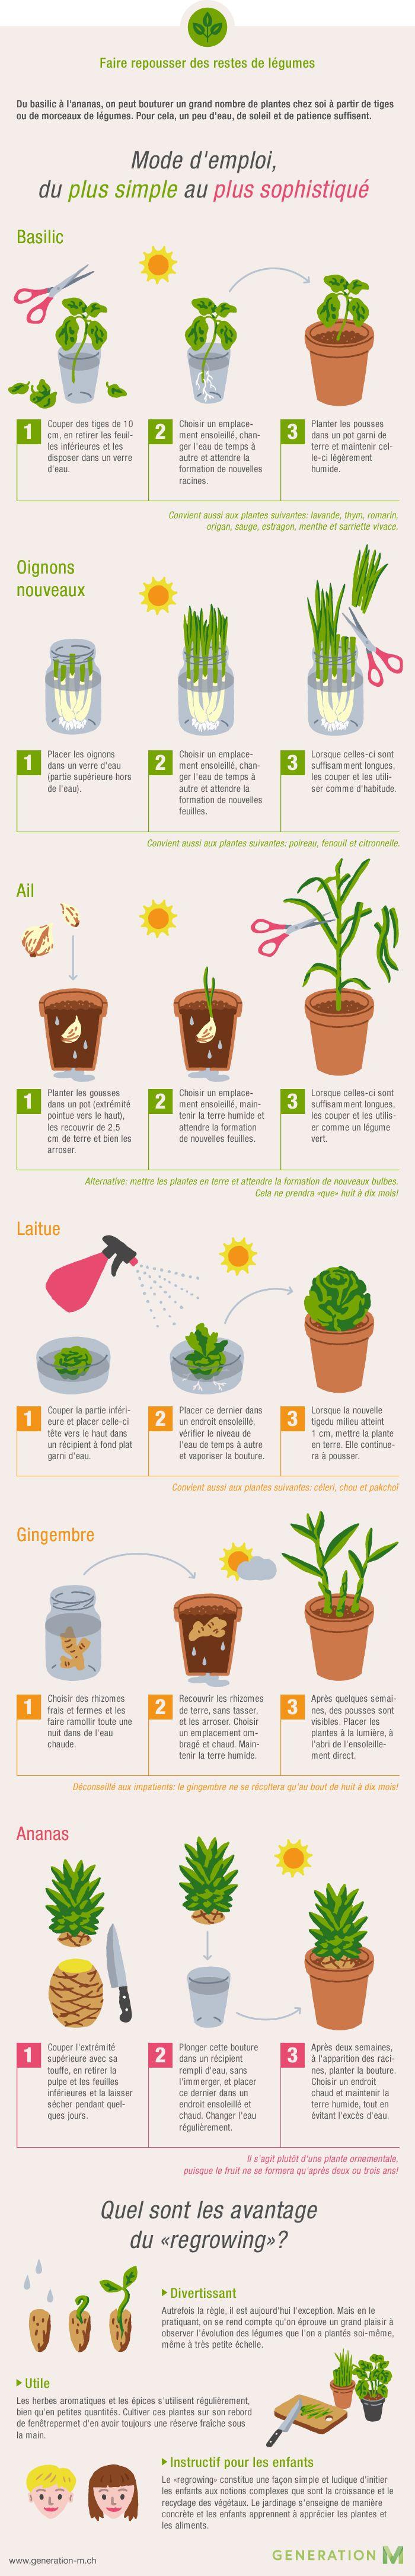 Migros - Infographie pour faire repousser les légumes - Génération M